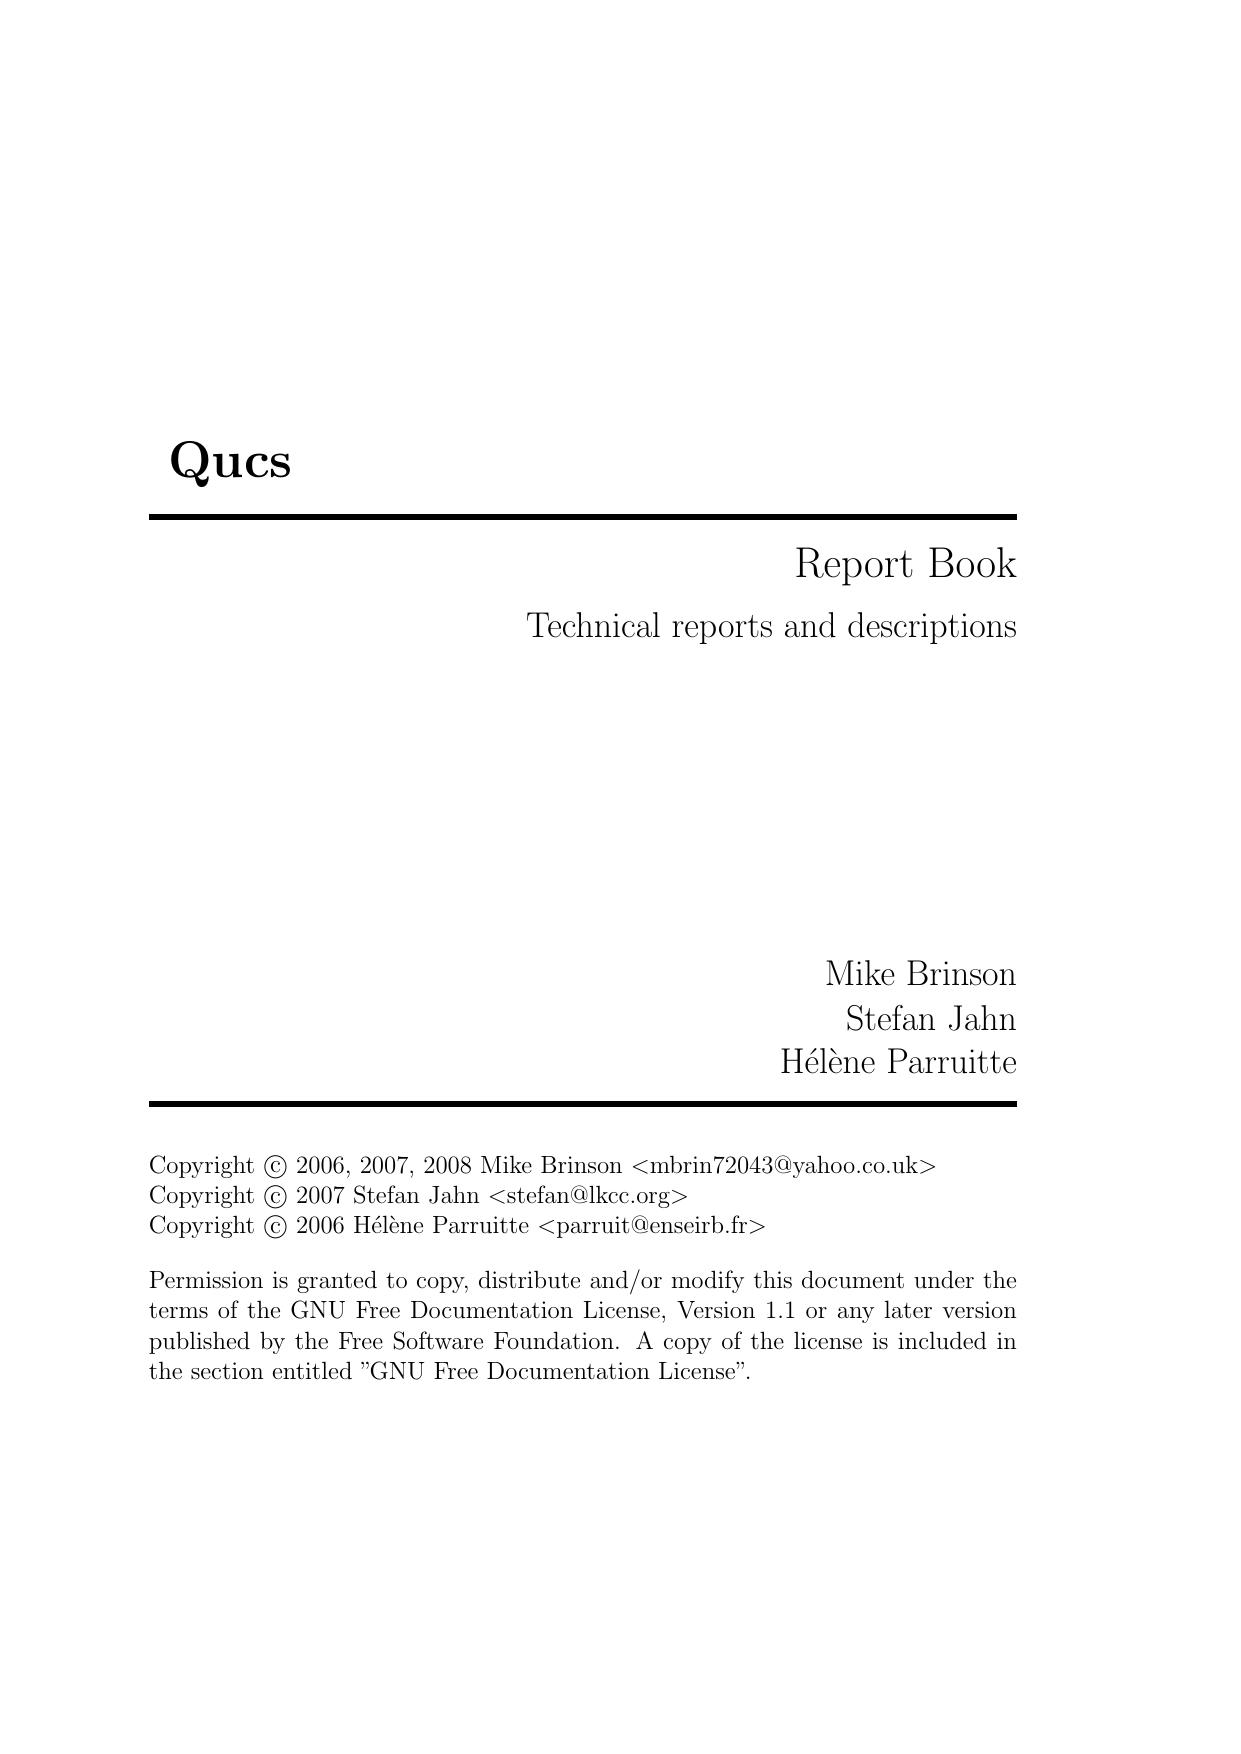 Report Book - Qucs | manualzz com